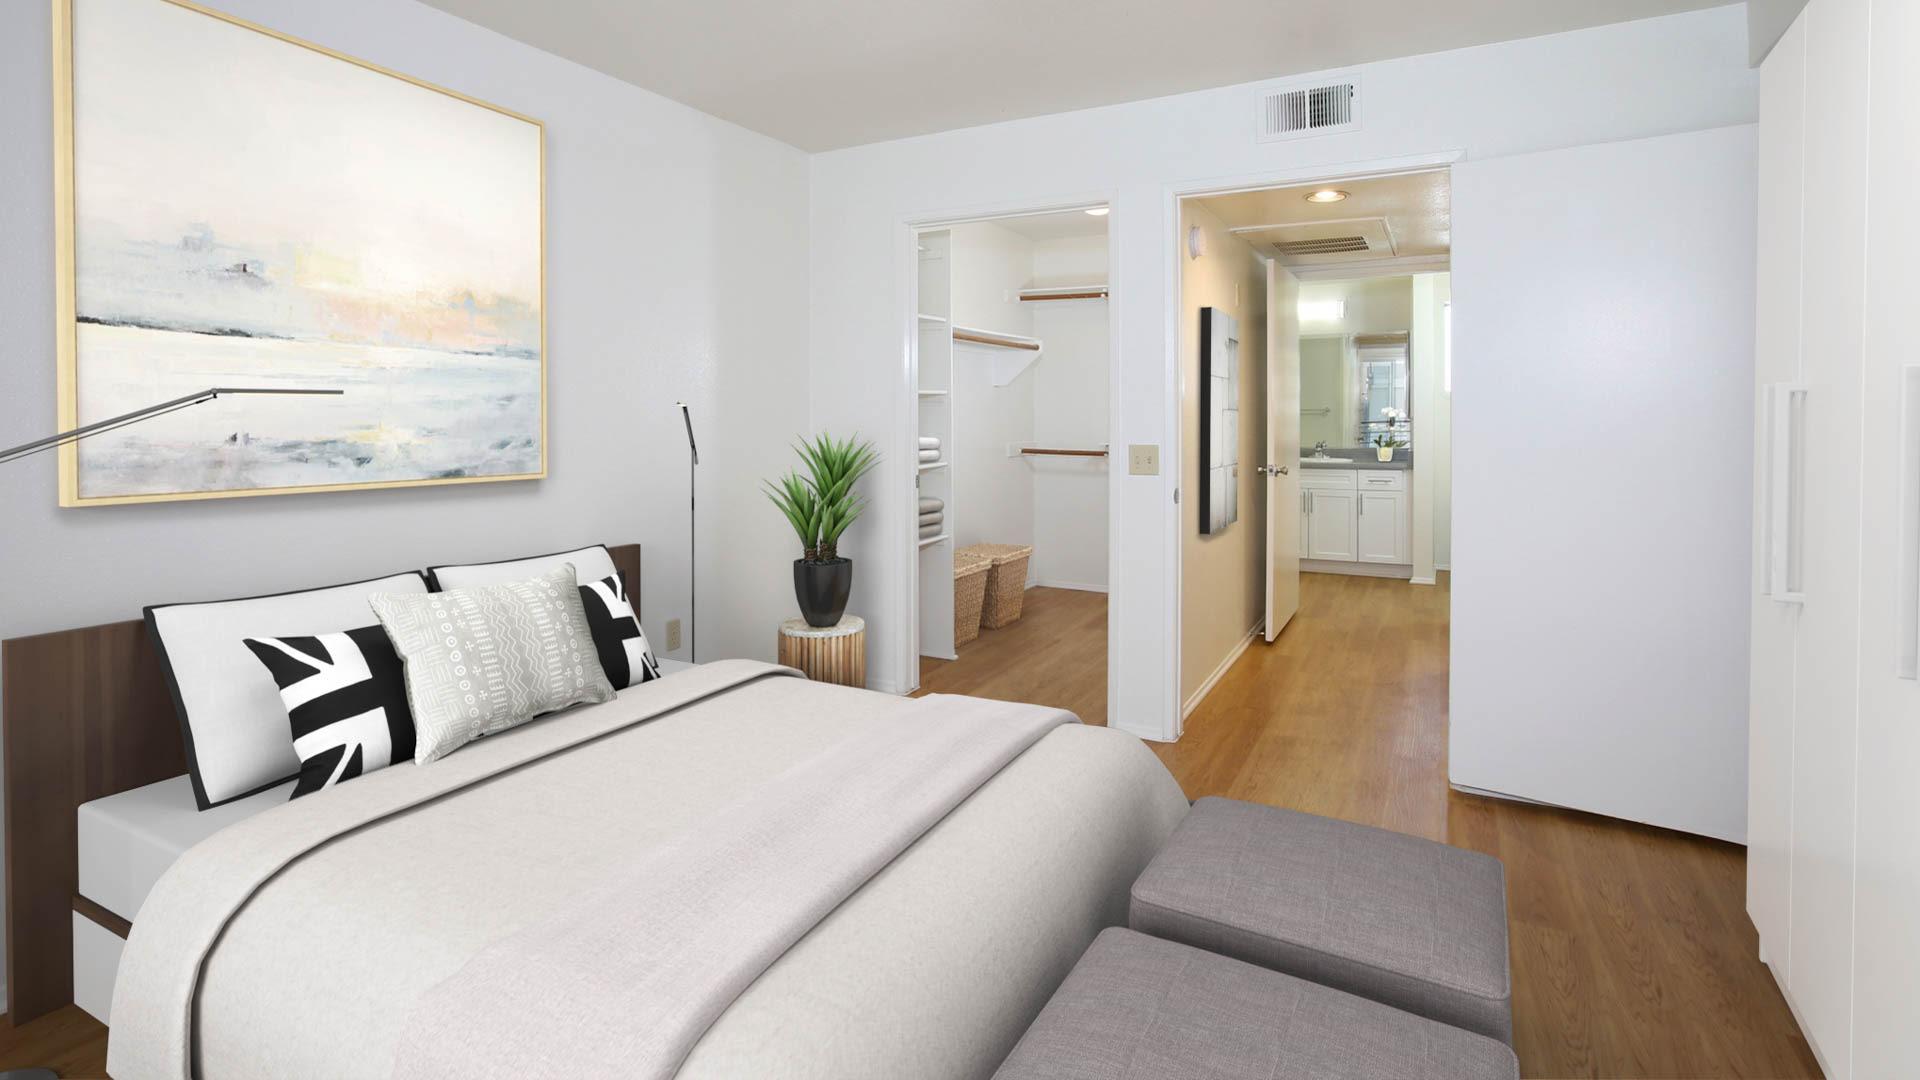 Centre Club Apartments Exterior - Bedroom